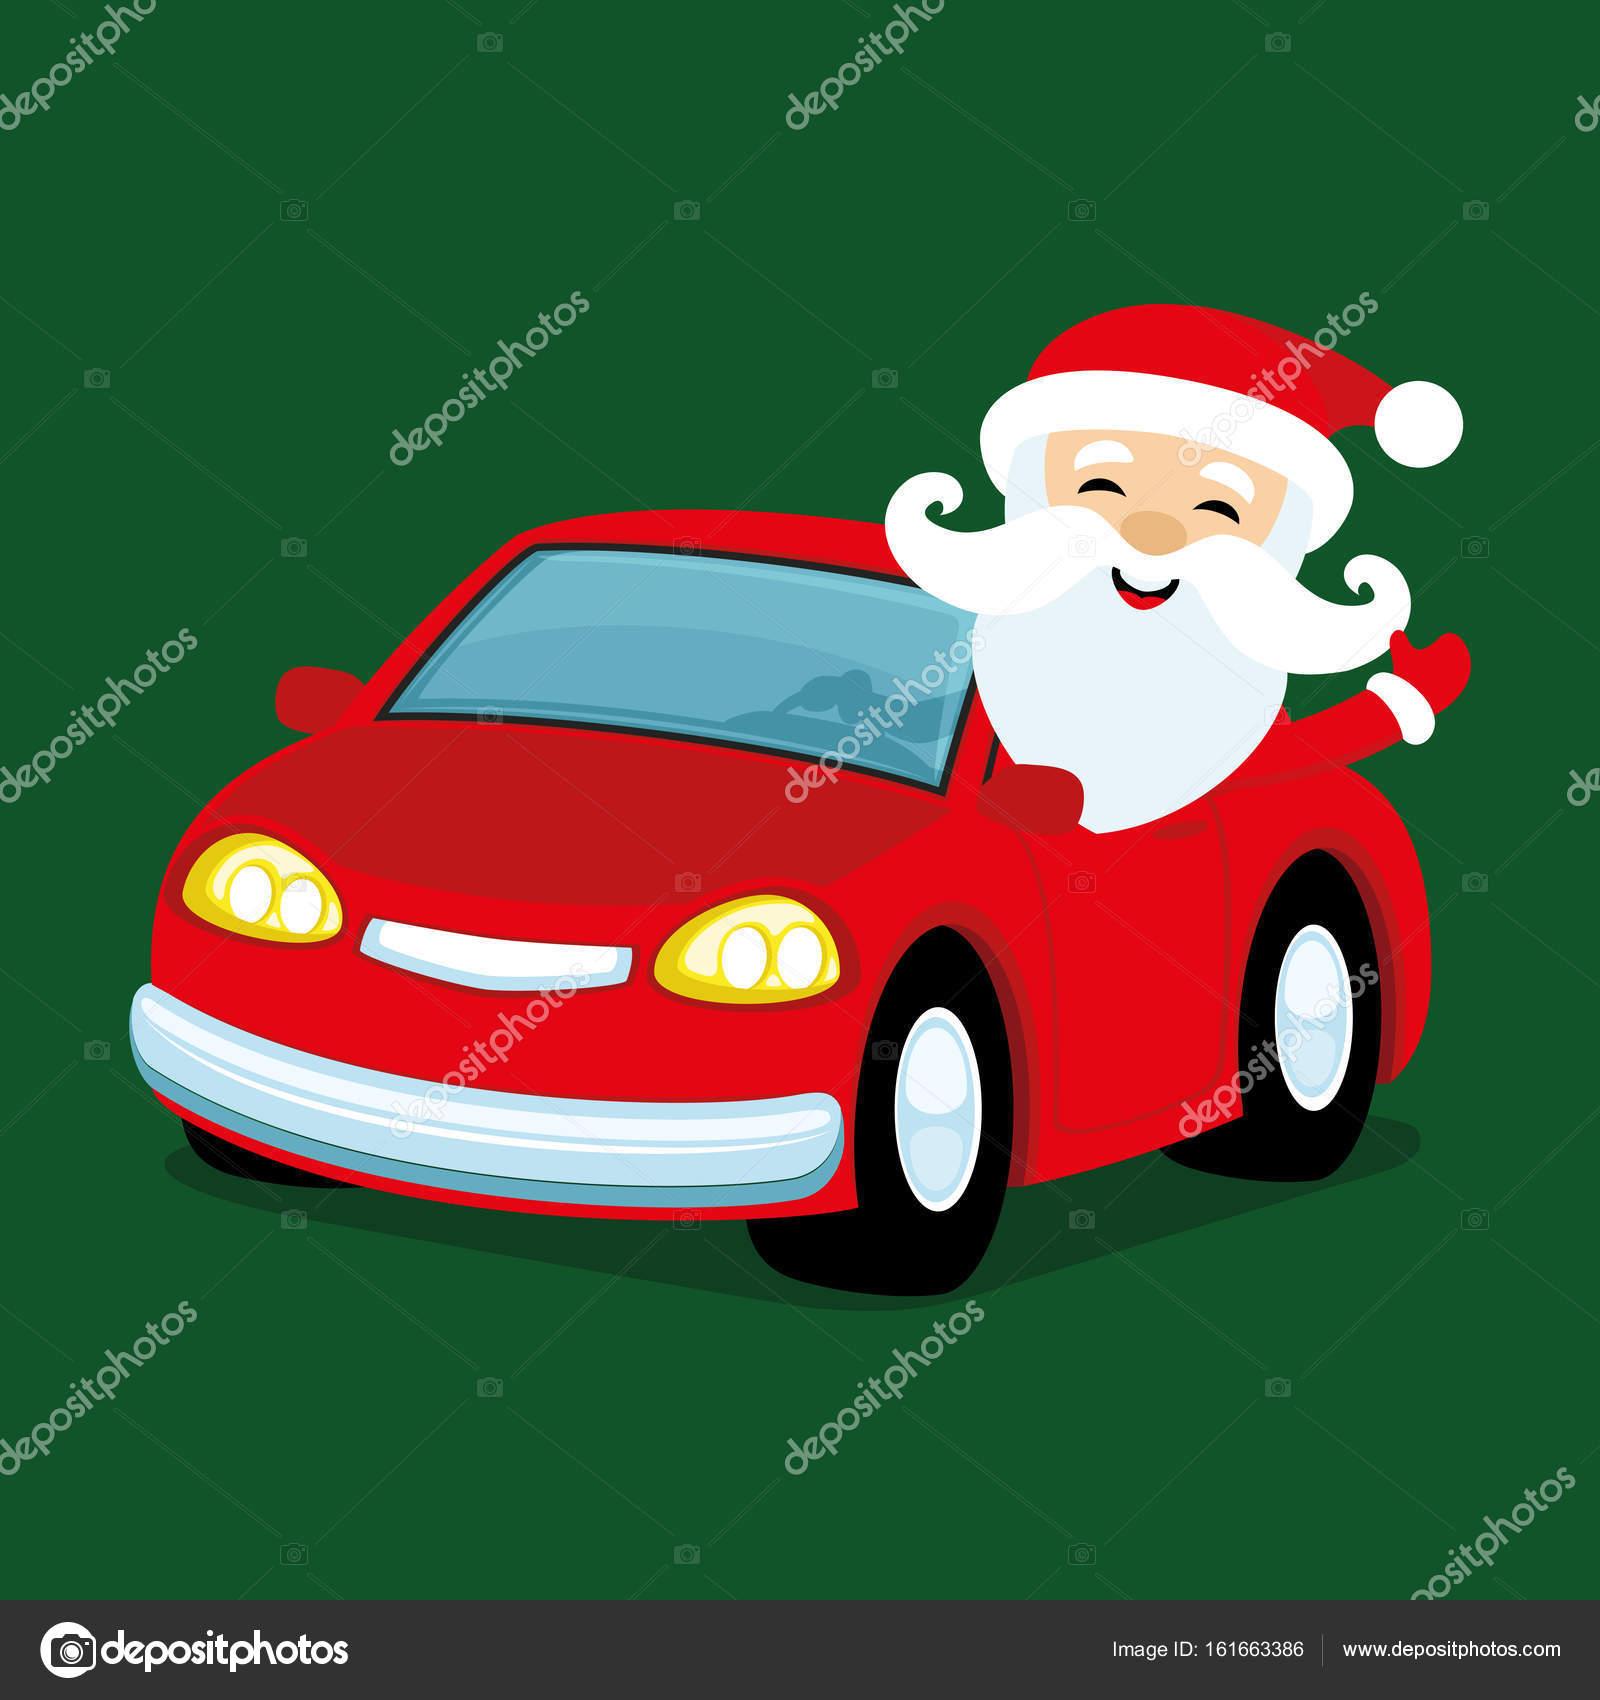 Weihnachtsmann Im Roten Auto Stockvektor C Taronin 161663386